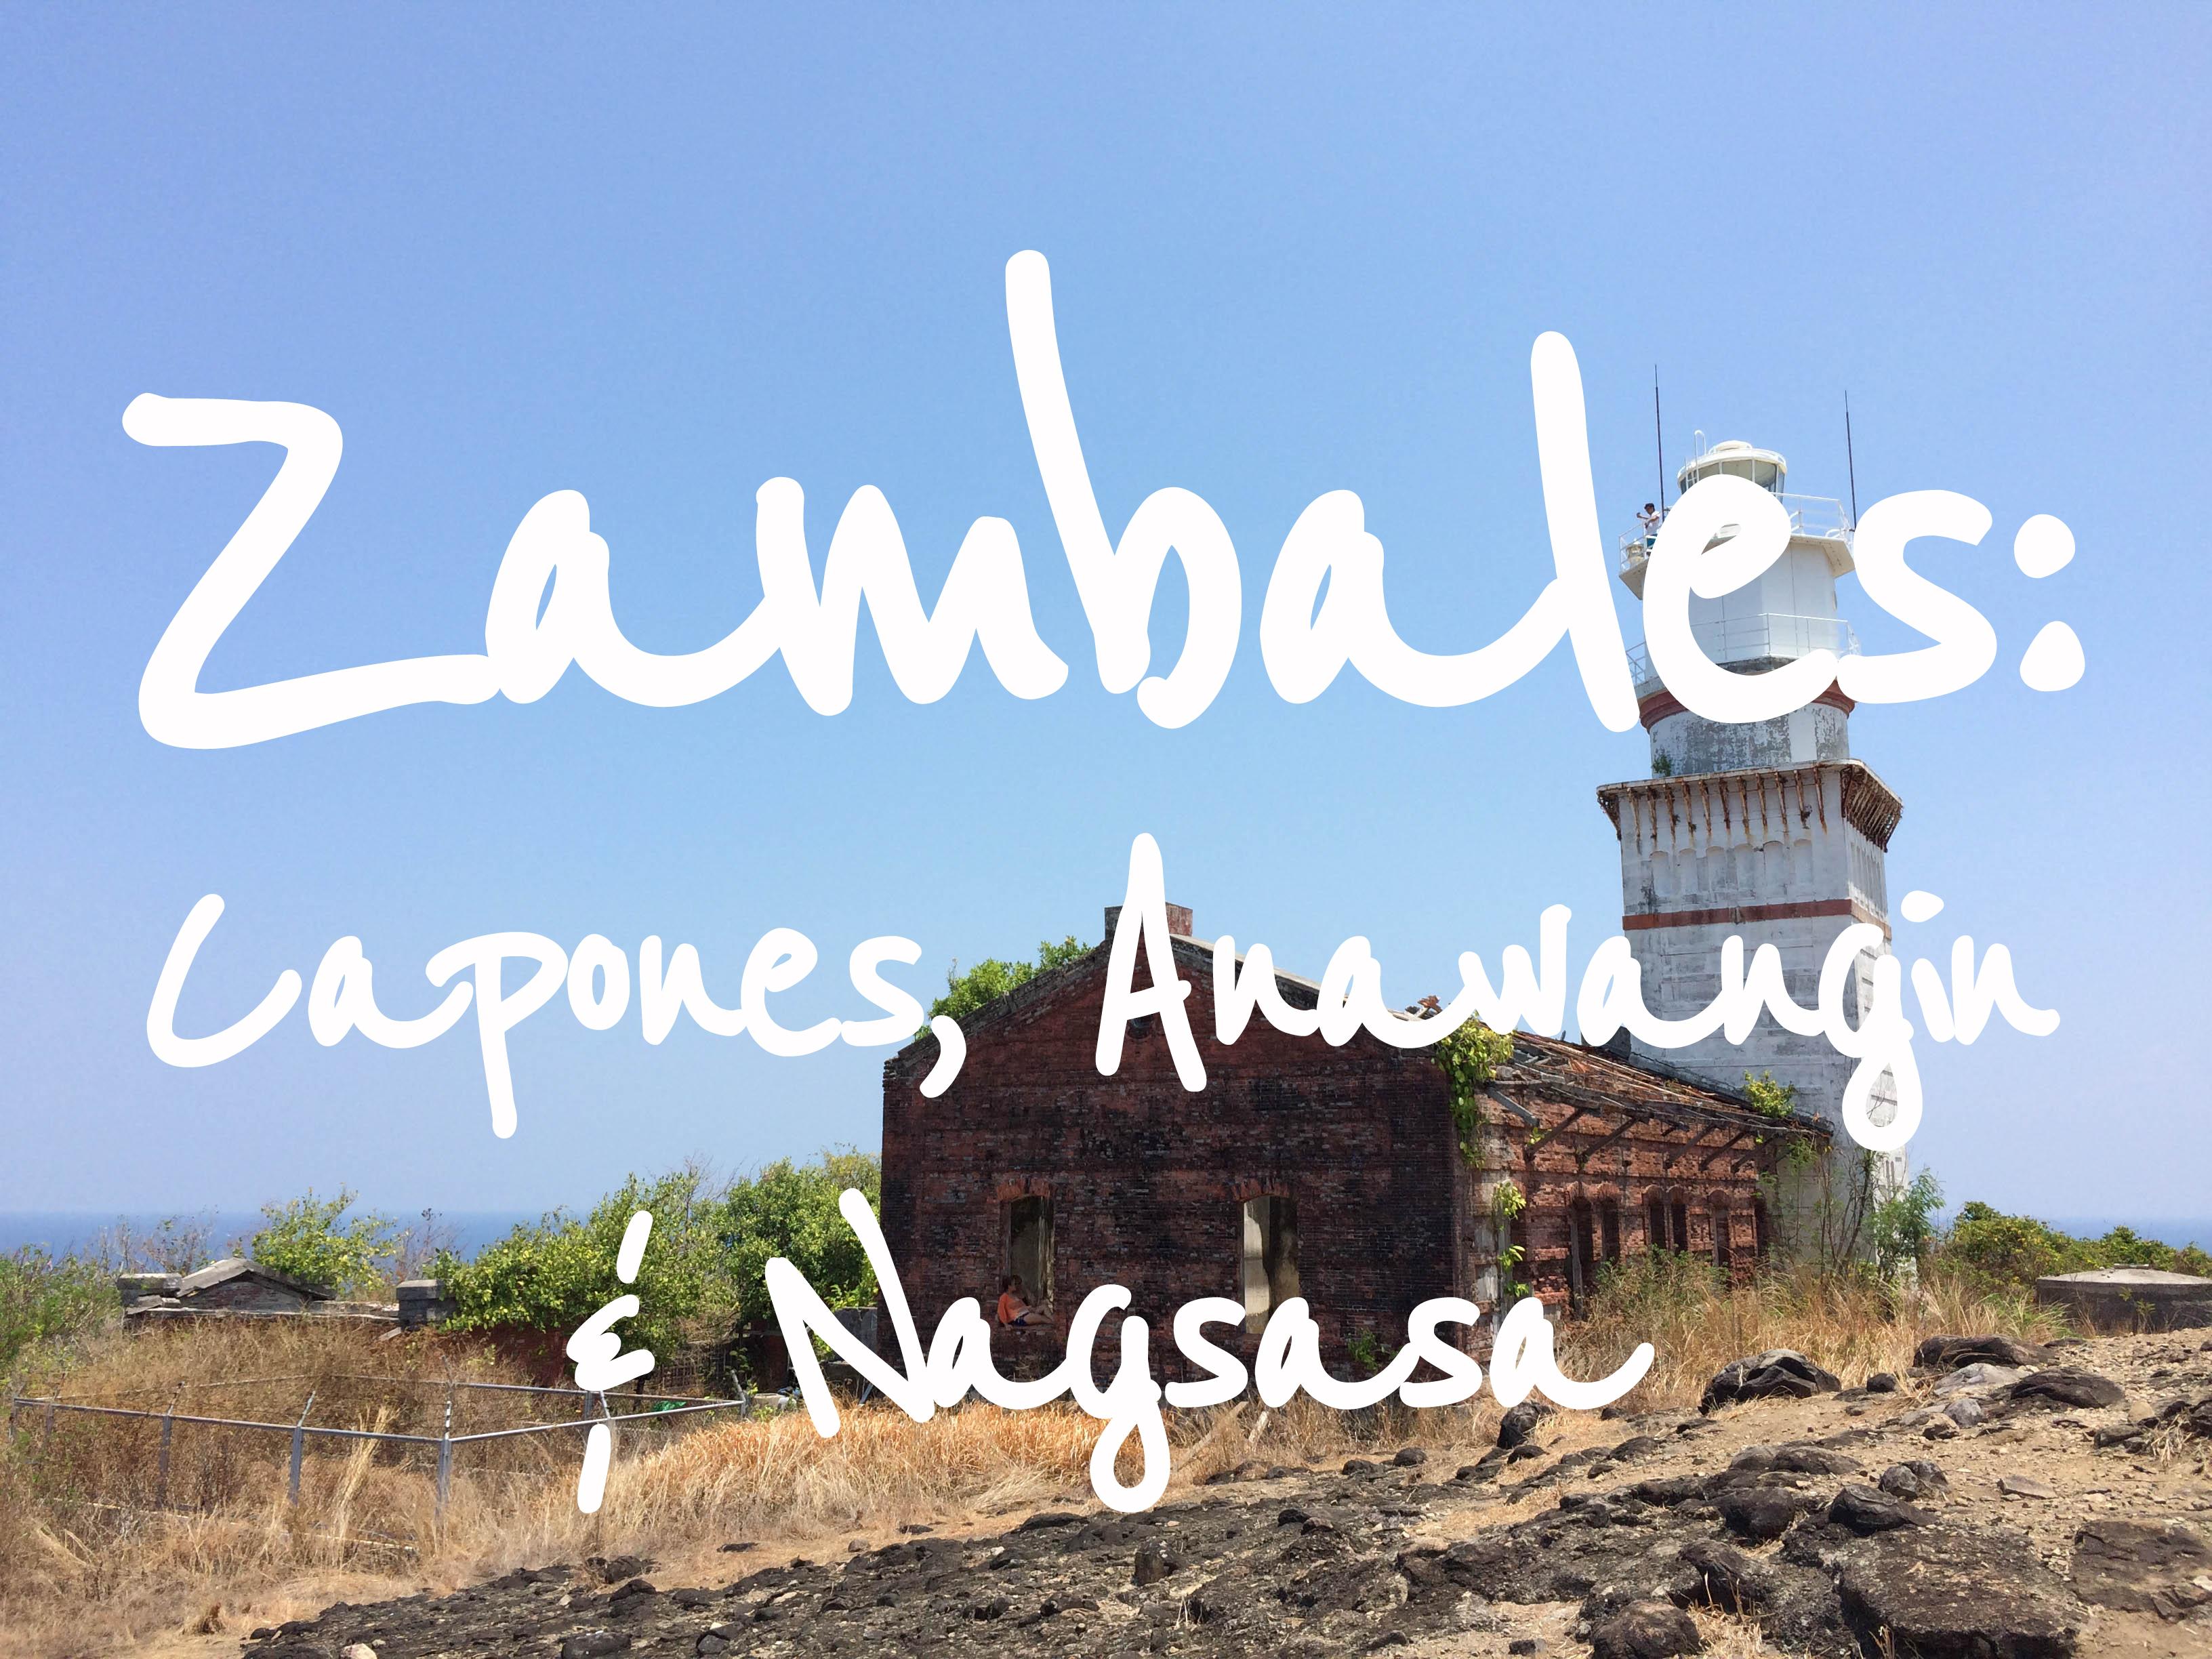 Zambales - Capones, Anawangin and Nagsasa